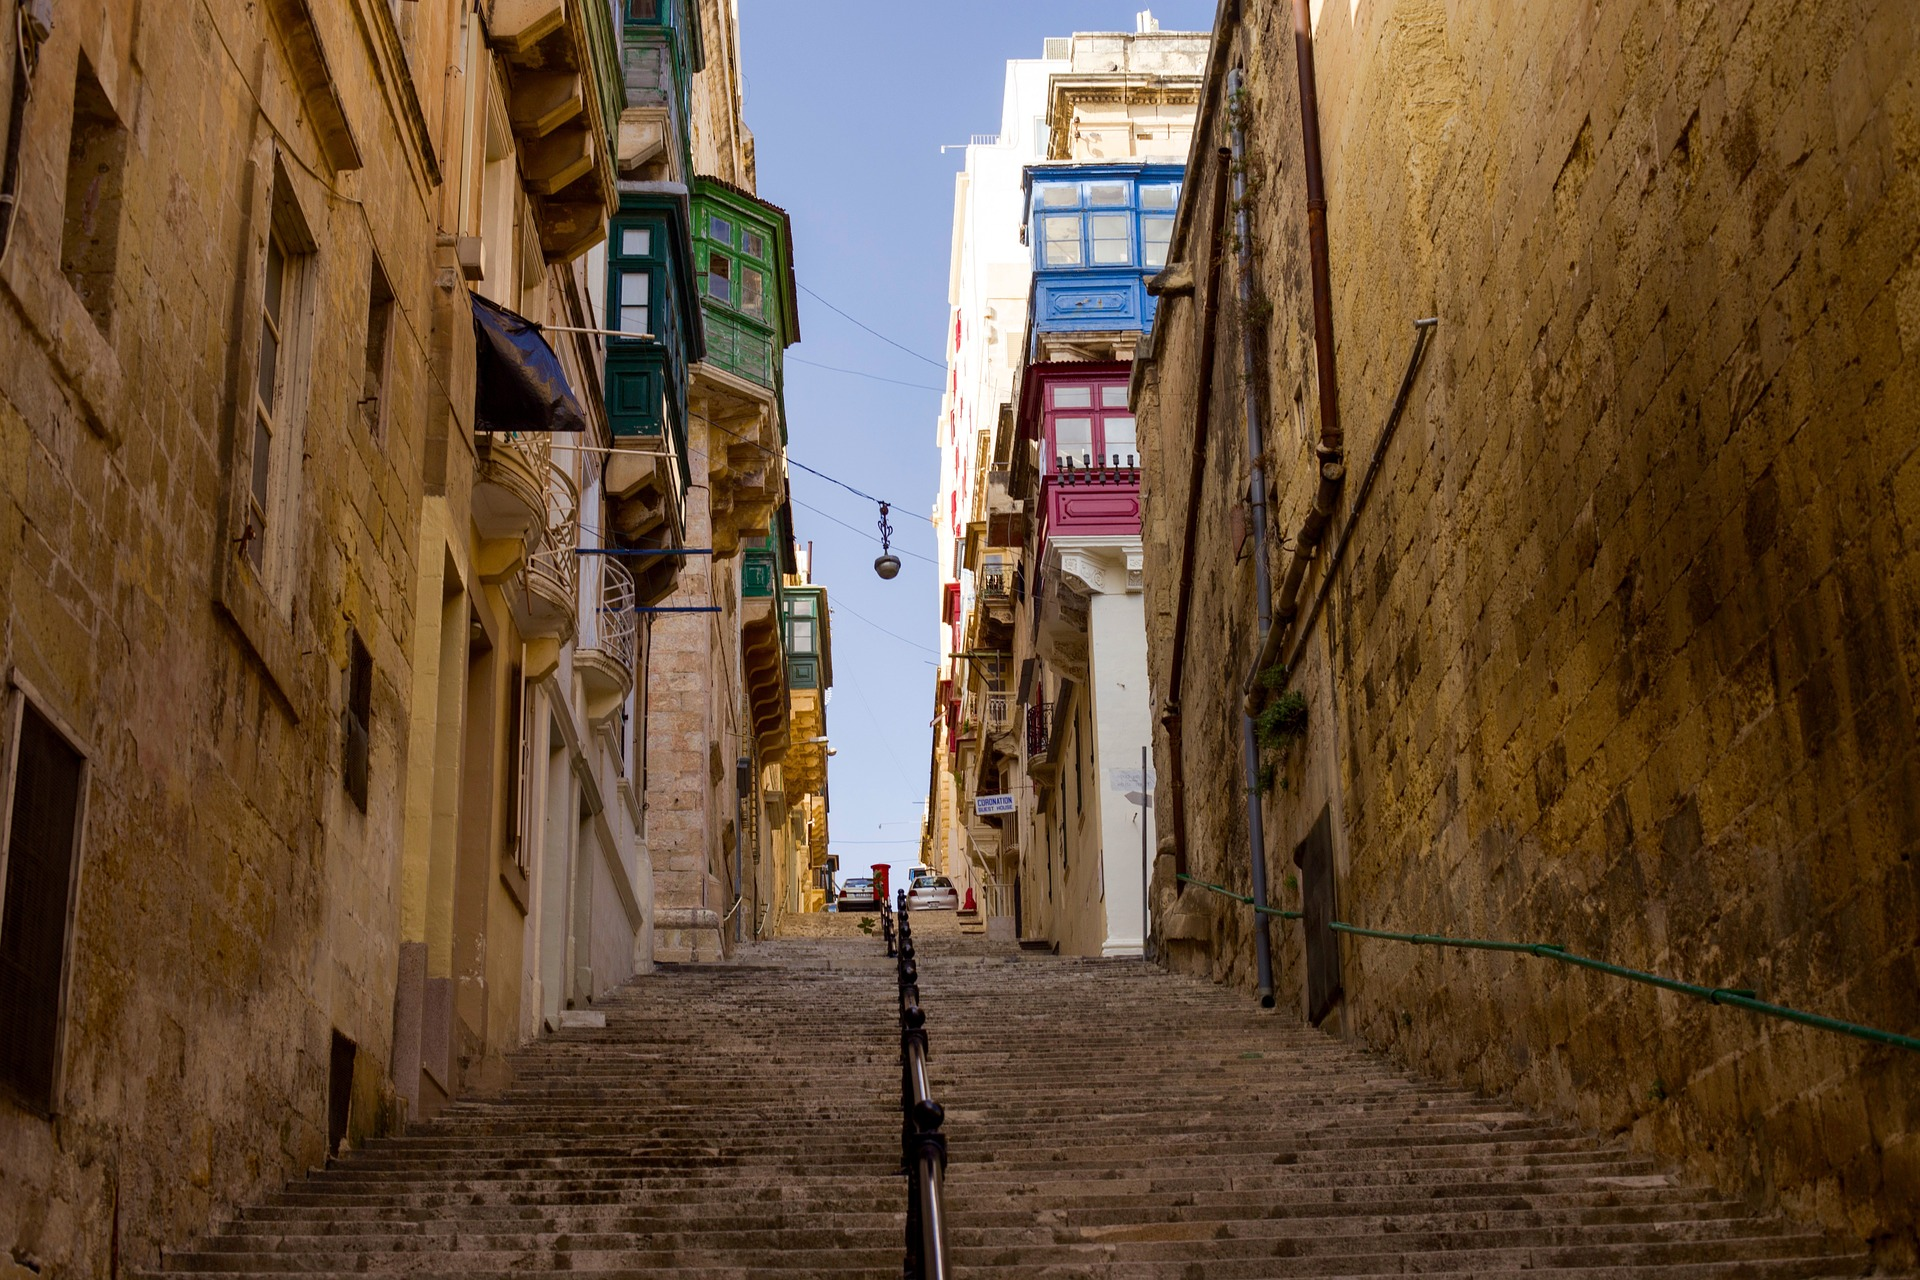 Walkway in Valletta, Malta